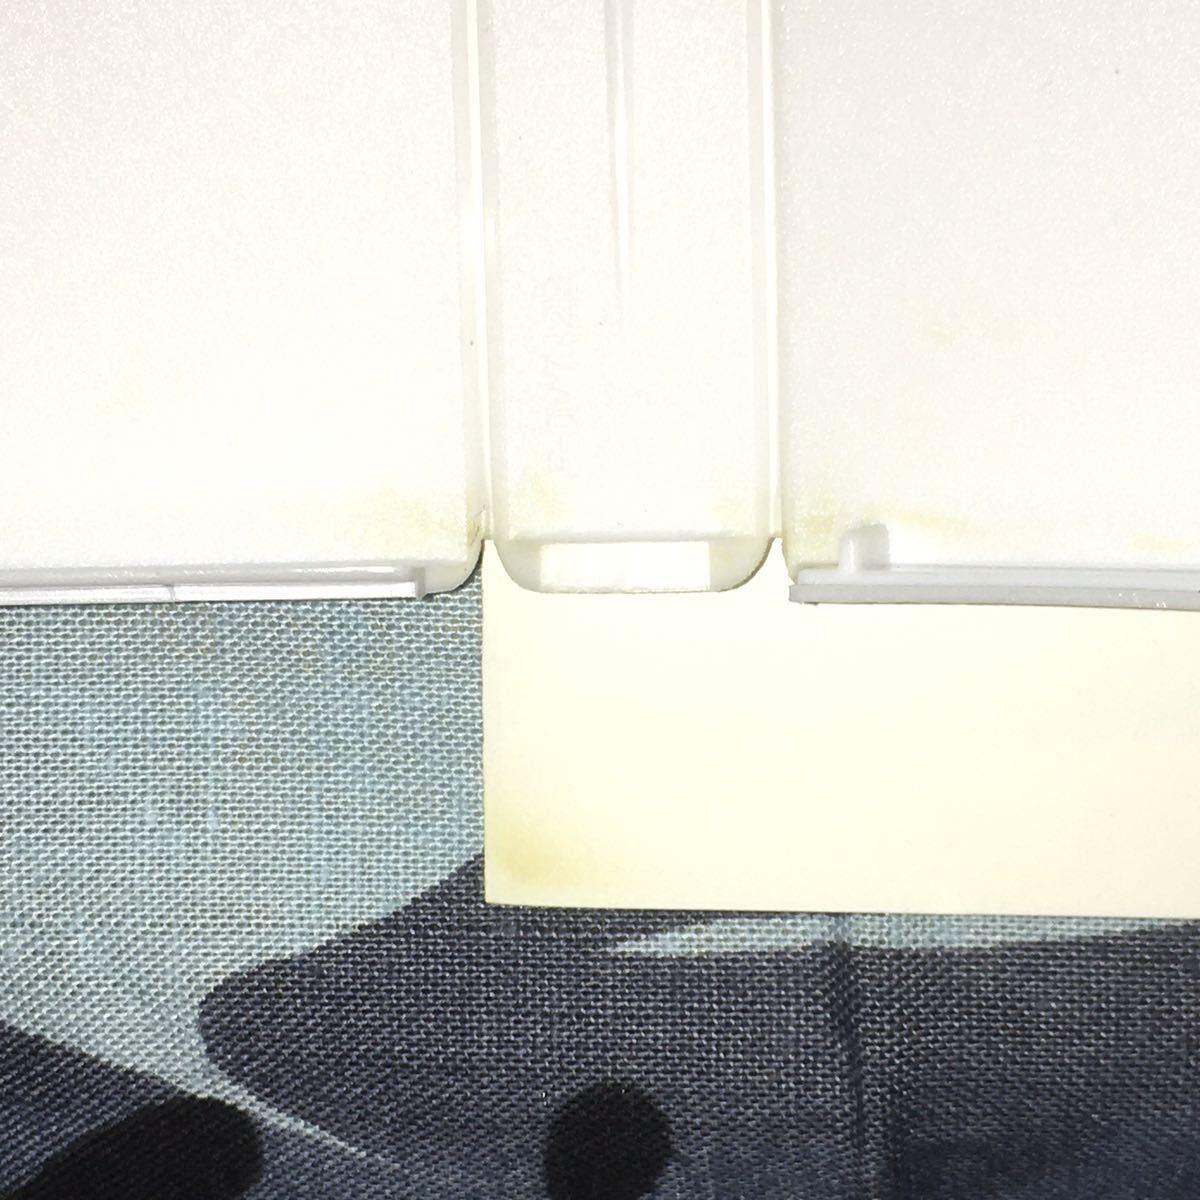 クレヨンしんちゃん きっとベスト☆熟睡!夢見るカスカベ〈2枚組〉動作確認済み DVD 動作確認済み 送料無料 匿名配送